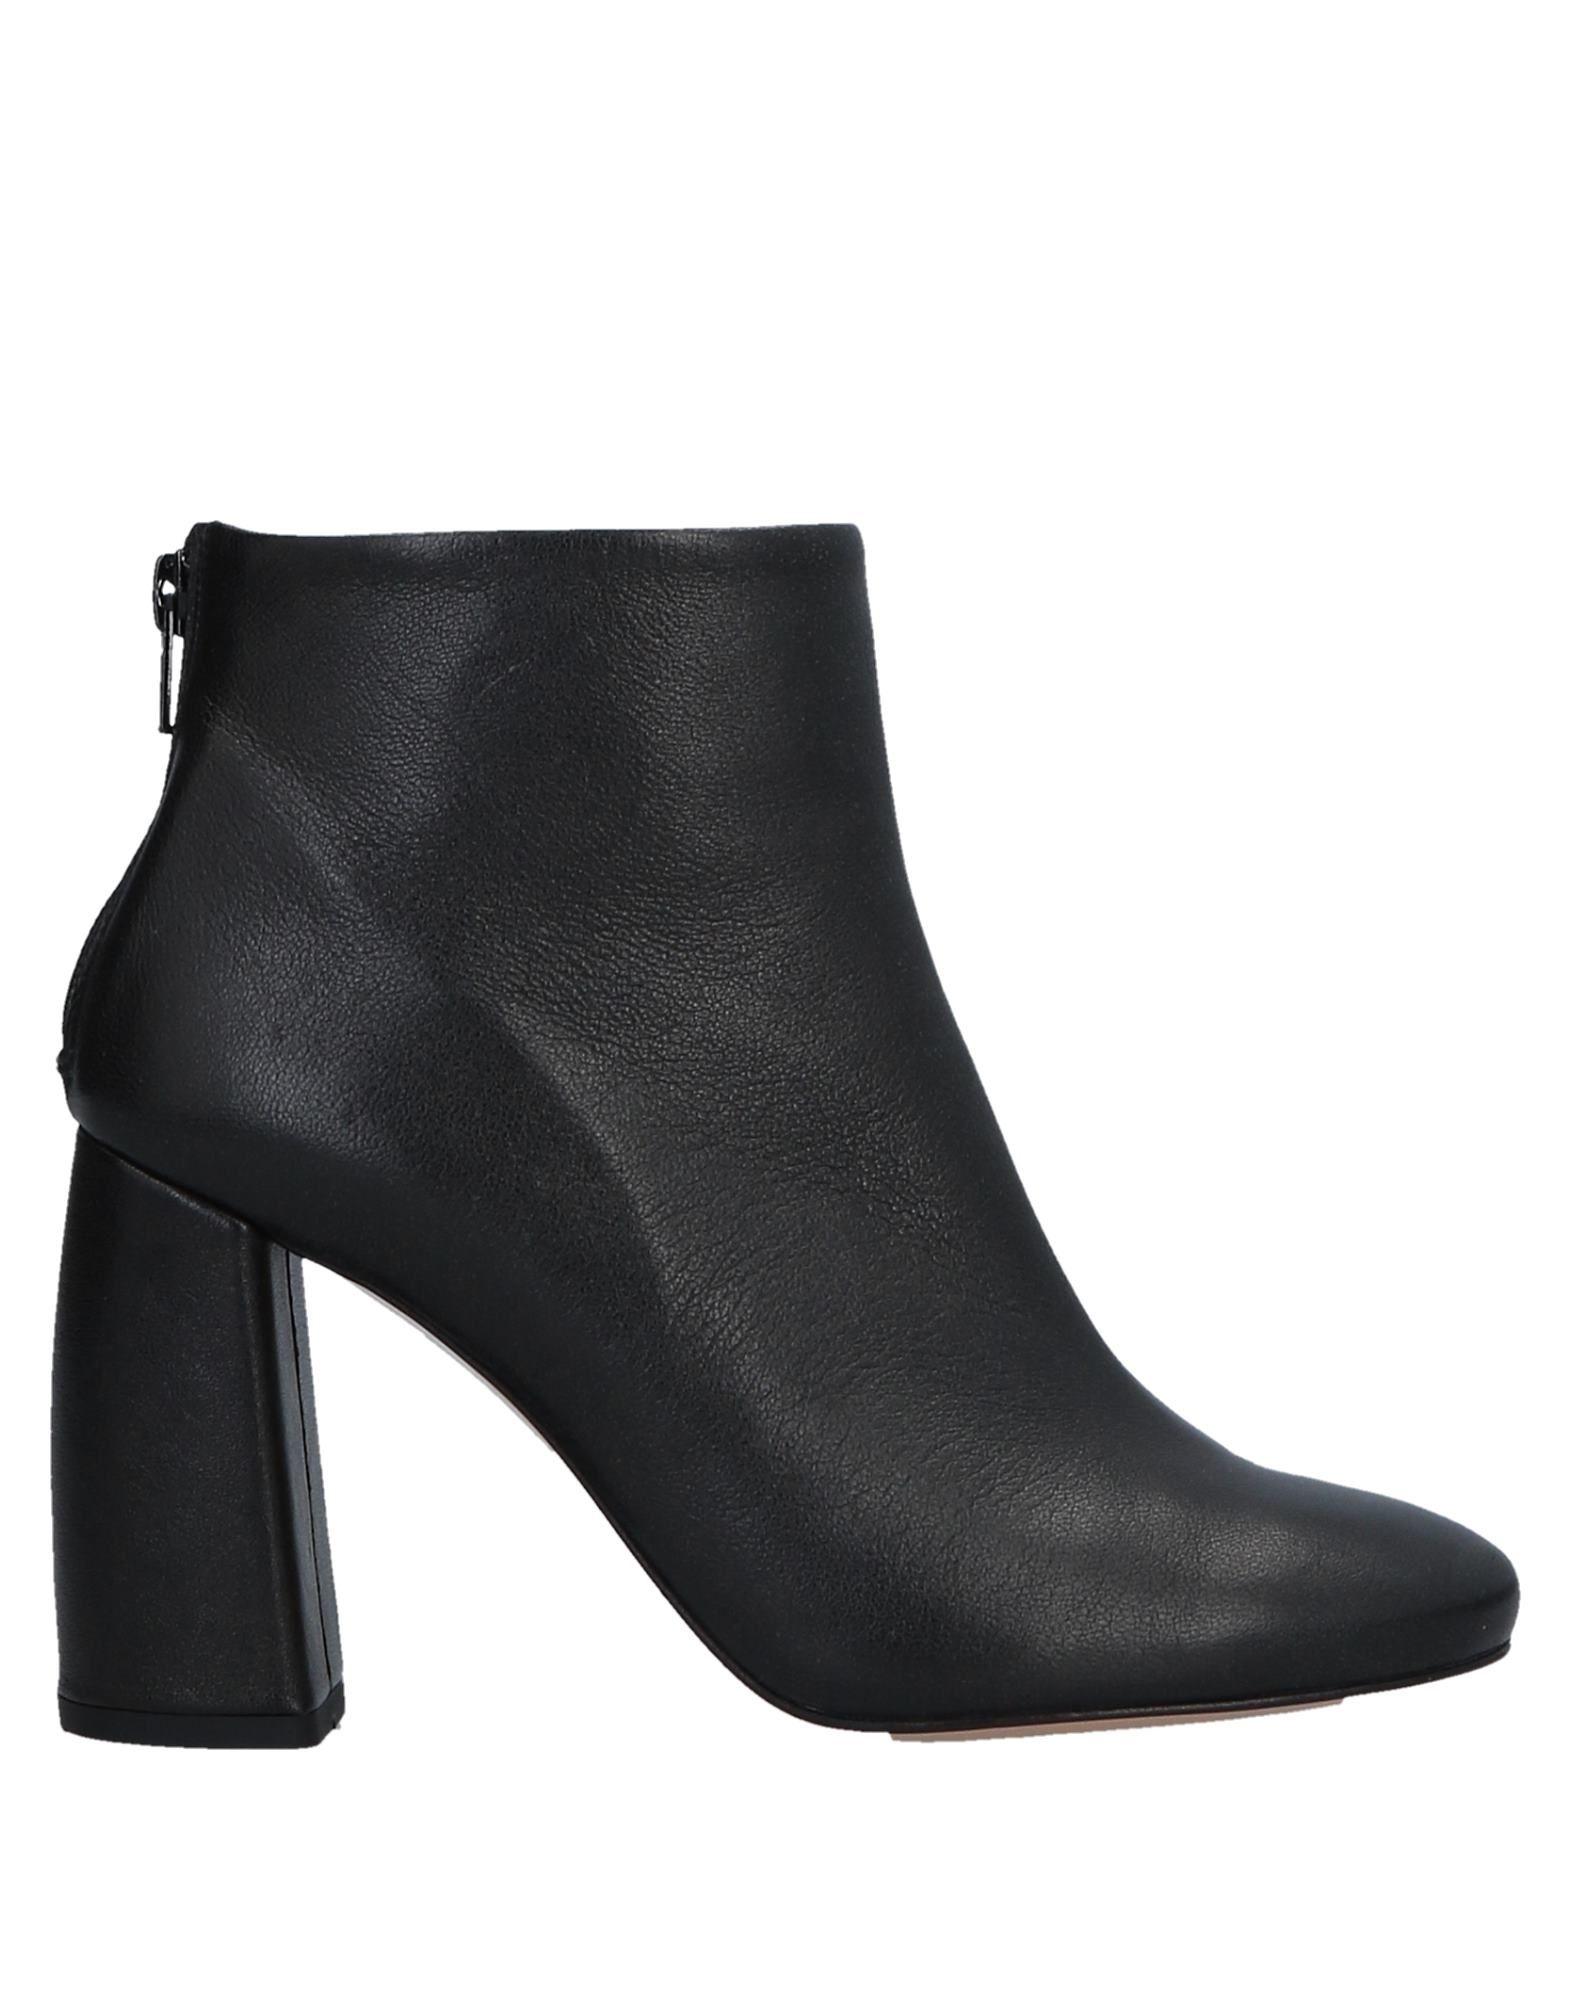 By A. Stiefelette Damen  11517633BUGut aussehende strapazierfähige Schuhe